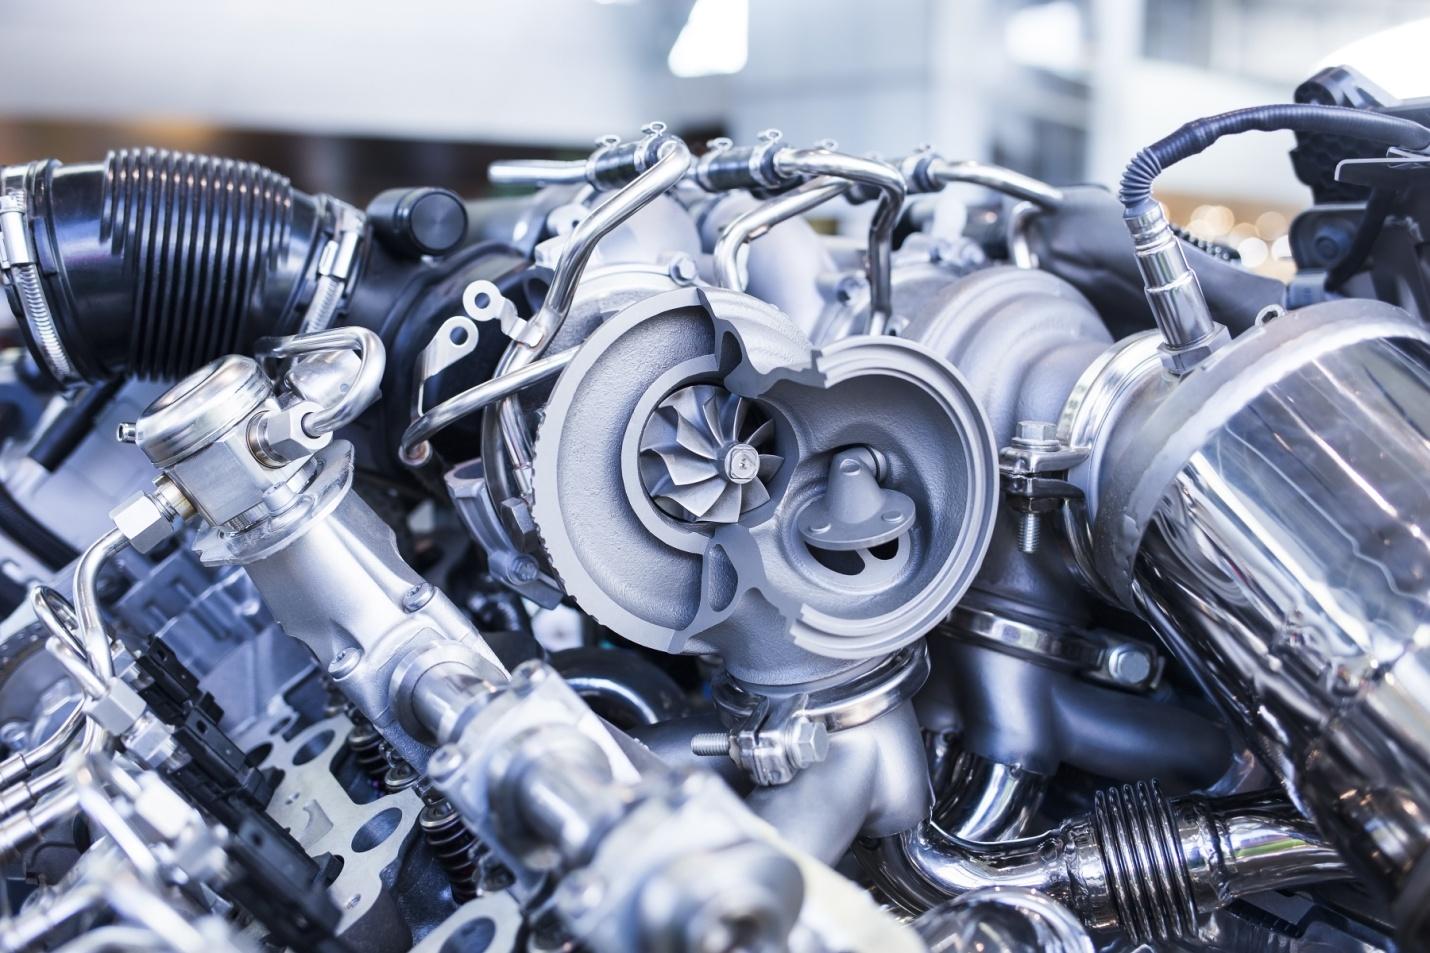 À la moindre négligence, le mauvais fonctionnement d'un turbocompressé et ses effets sur l'huile peuvent conduire à des coûts de réparation particulièrement dispendieux.